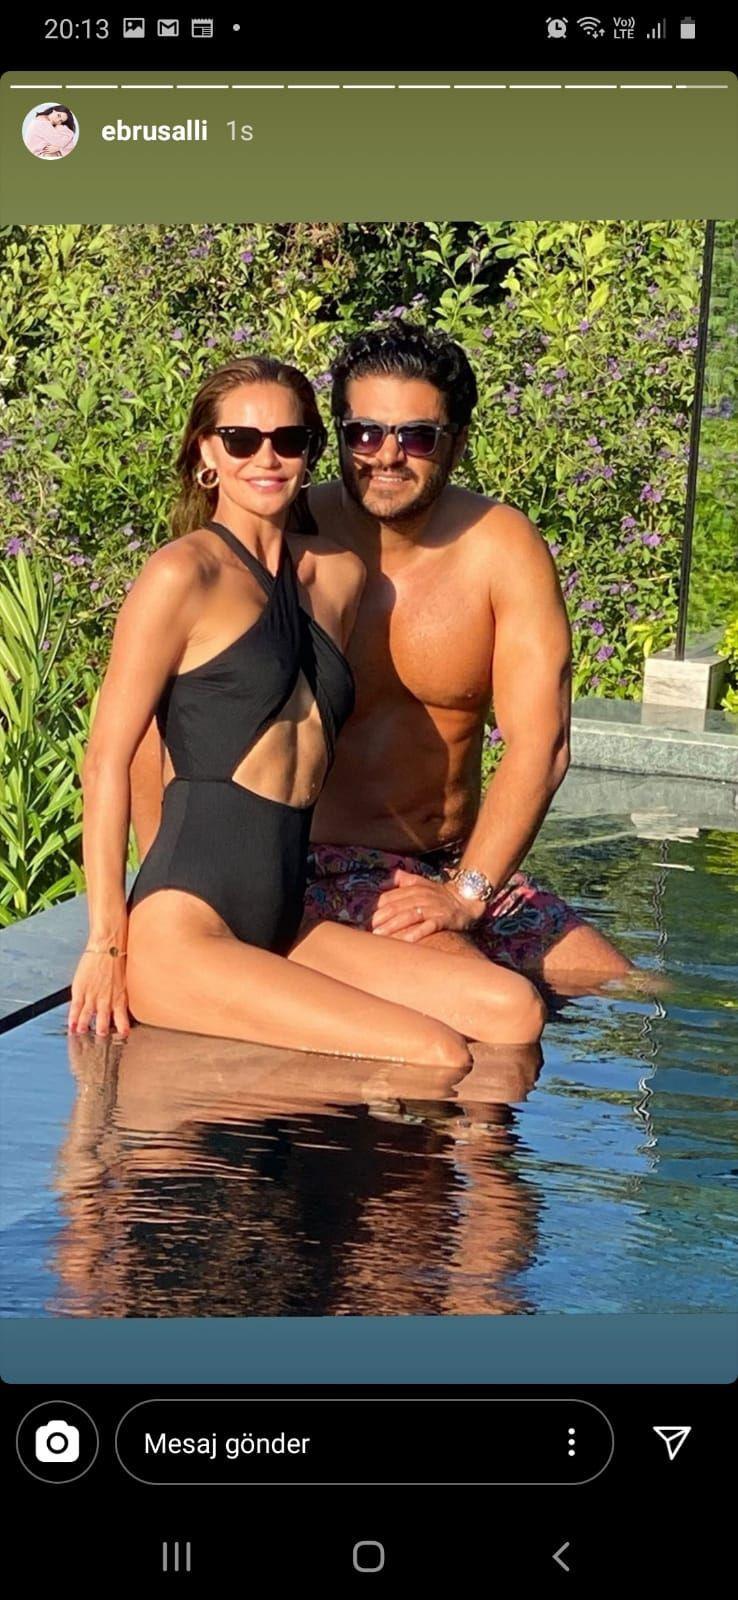 Ebru Şallı'dan eşiyle havuz başında tatil pozu - Resim: 1